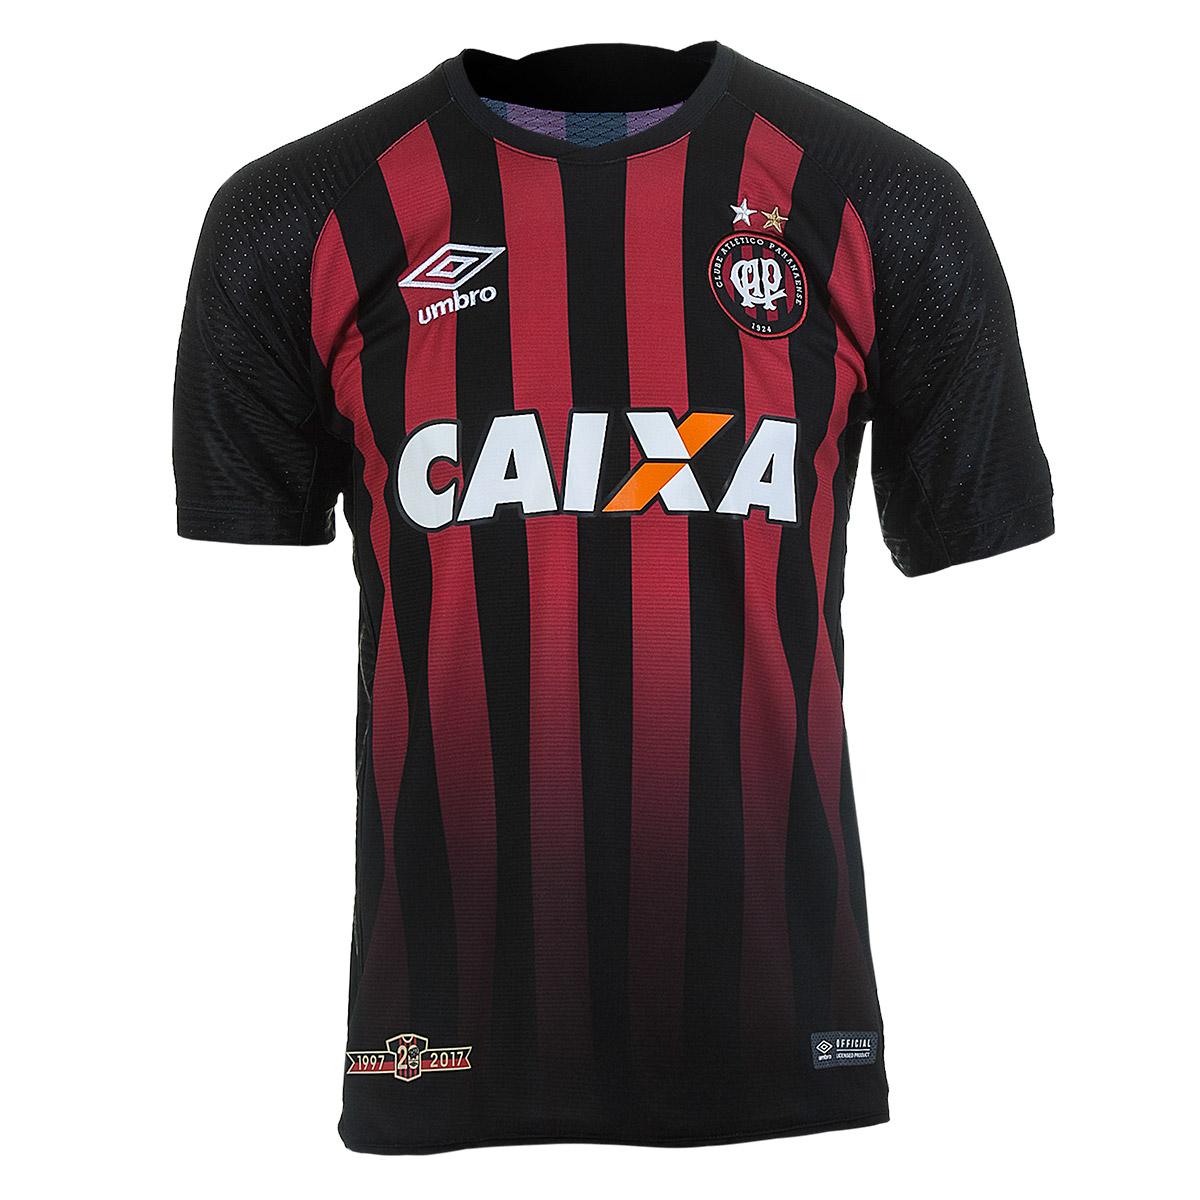 Camiseta Masc. Umbro Atletico Paranaense Of.1 2017 - Preto/Vermelho